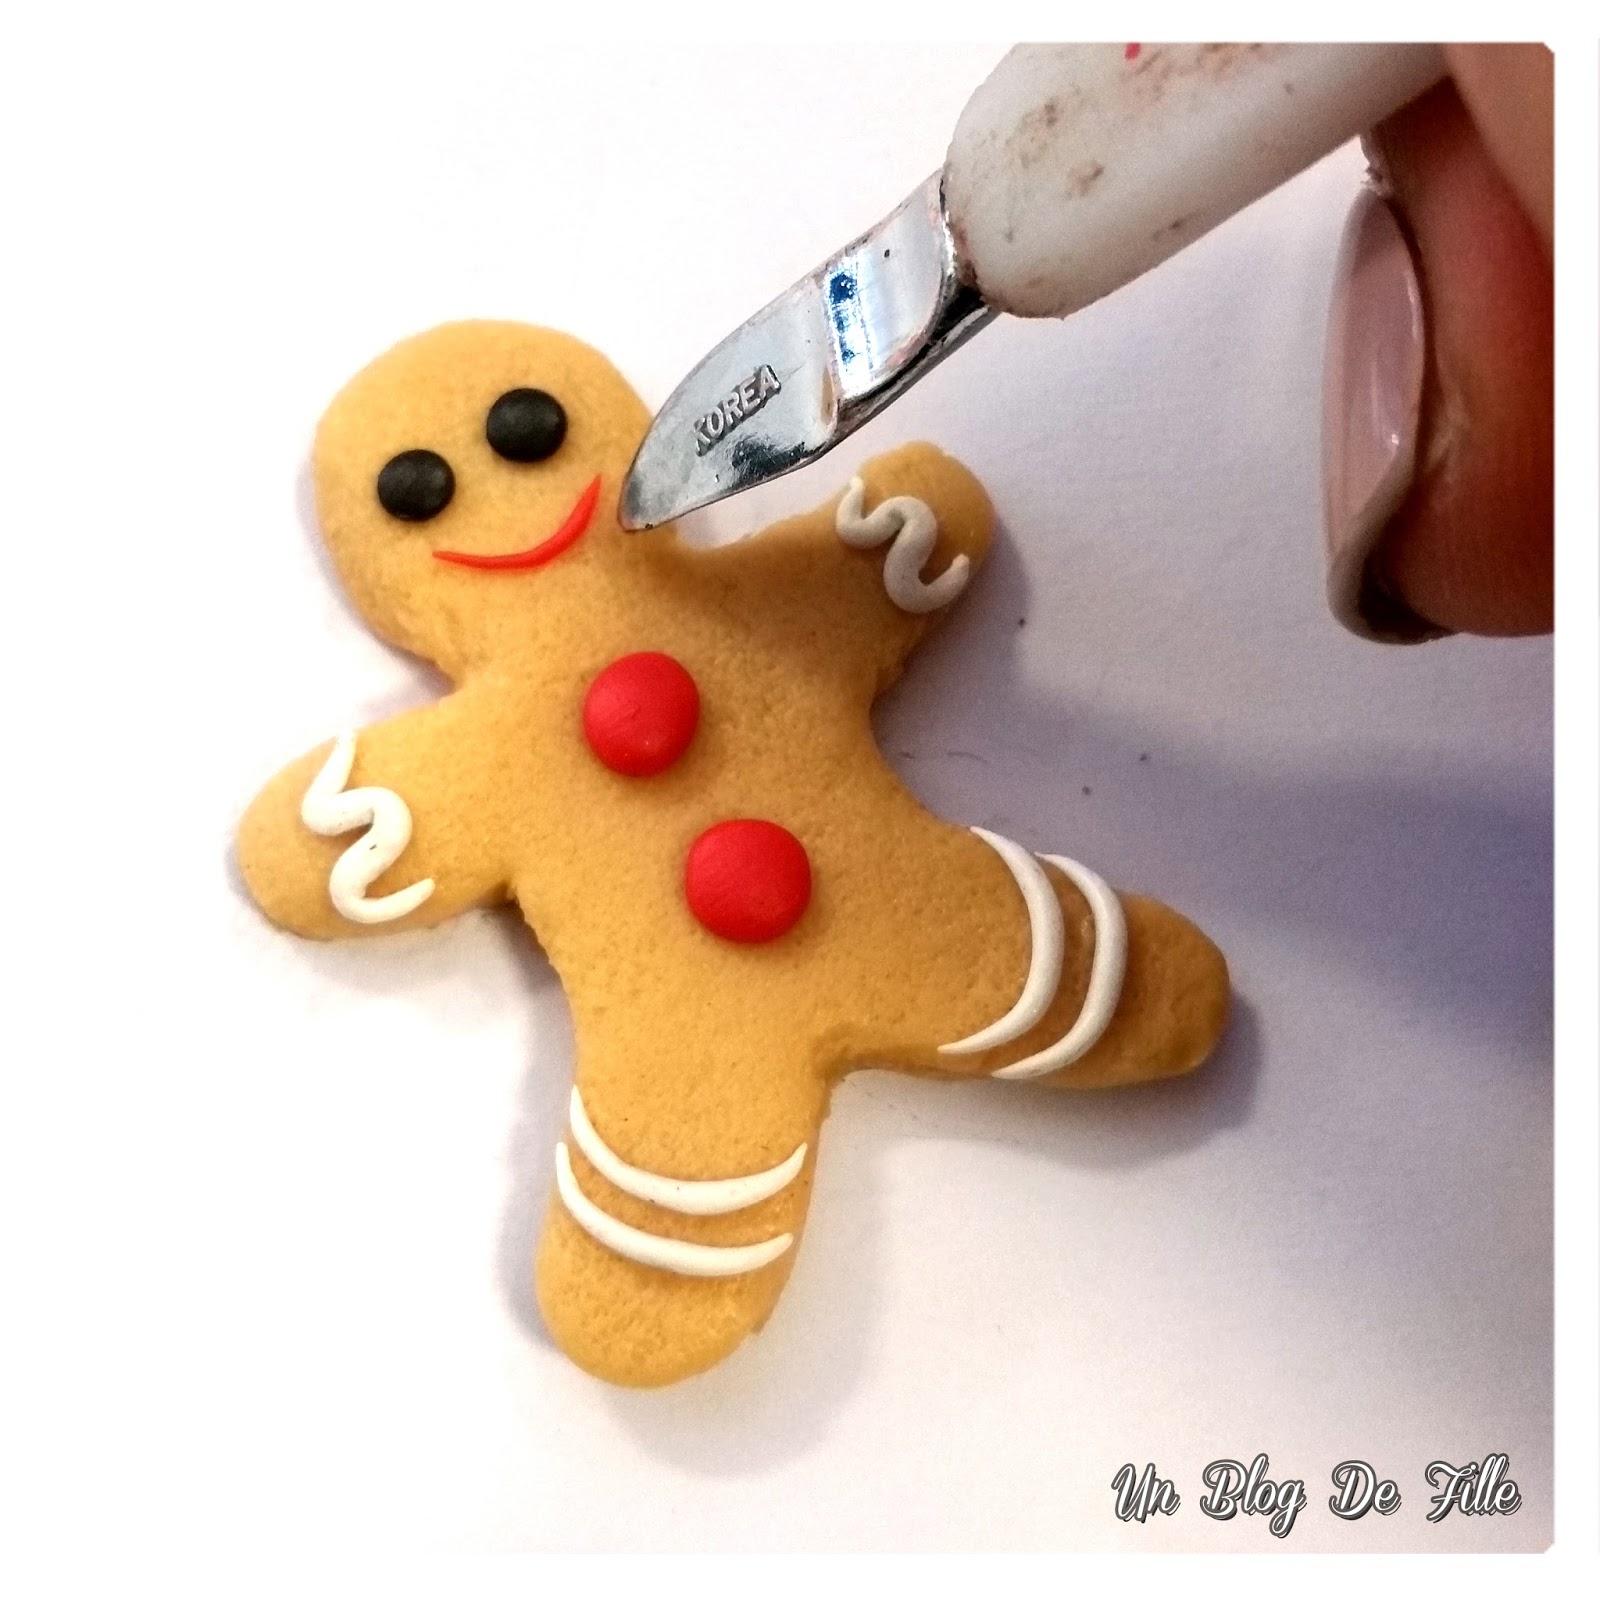 http://unblogdefille.blogspot.fr/2017/12/diy-bonhomme-pain-depices-en-pate-style.html